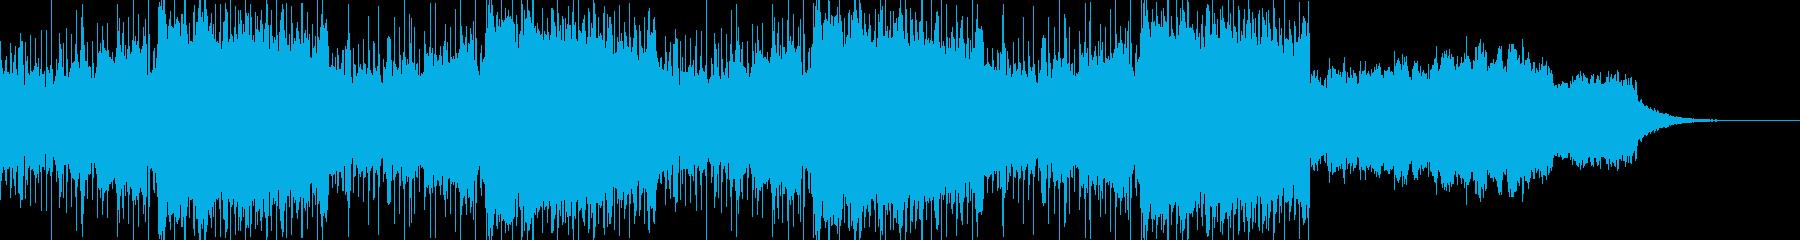 インダストリアルなダークシンセ音_02の再生済みの波形